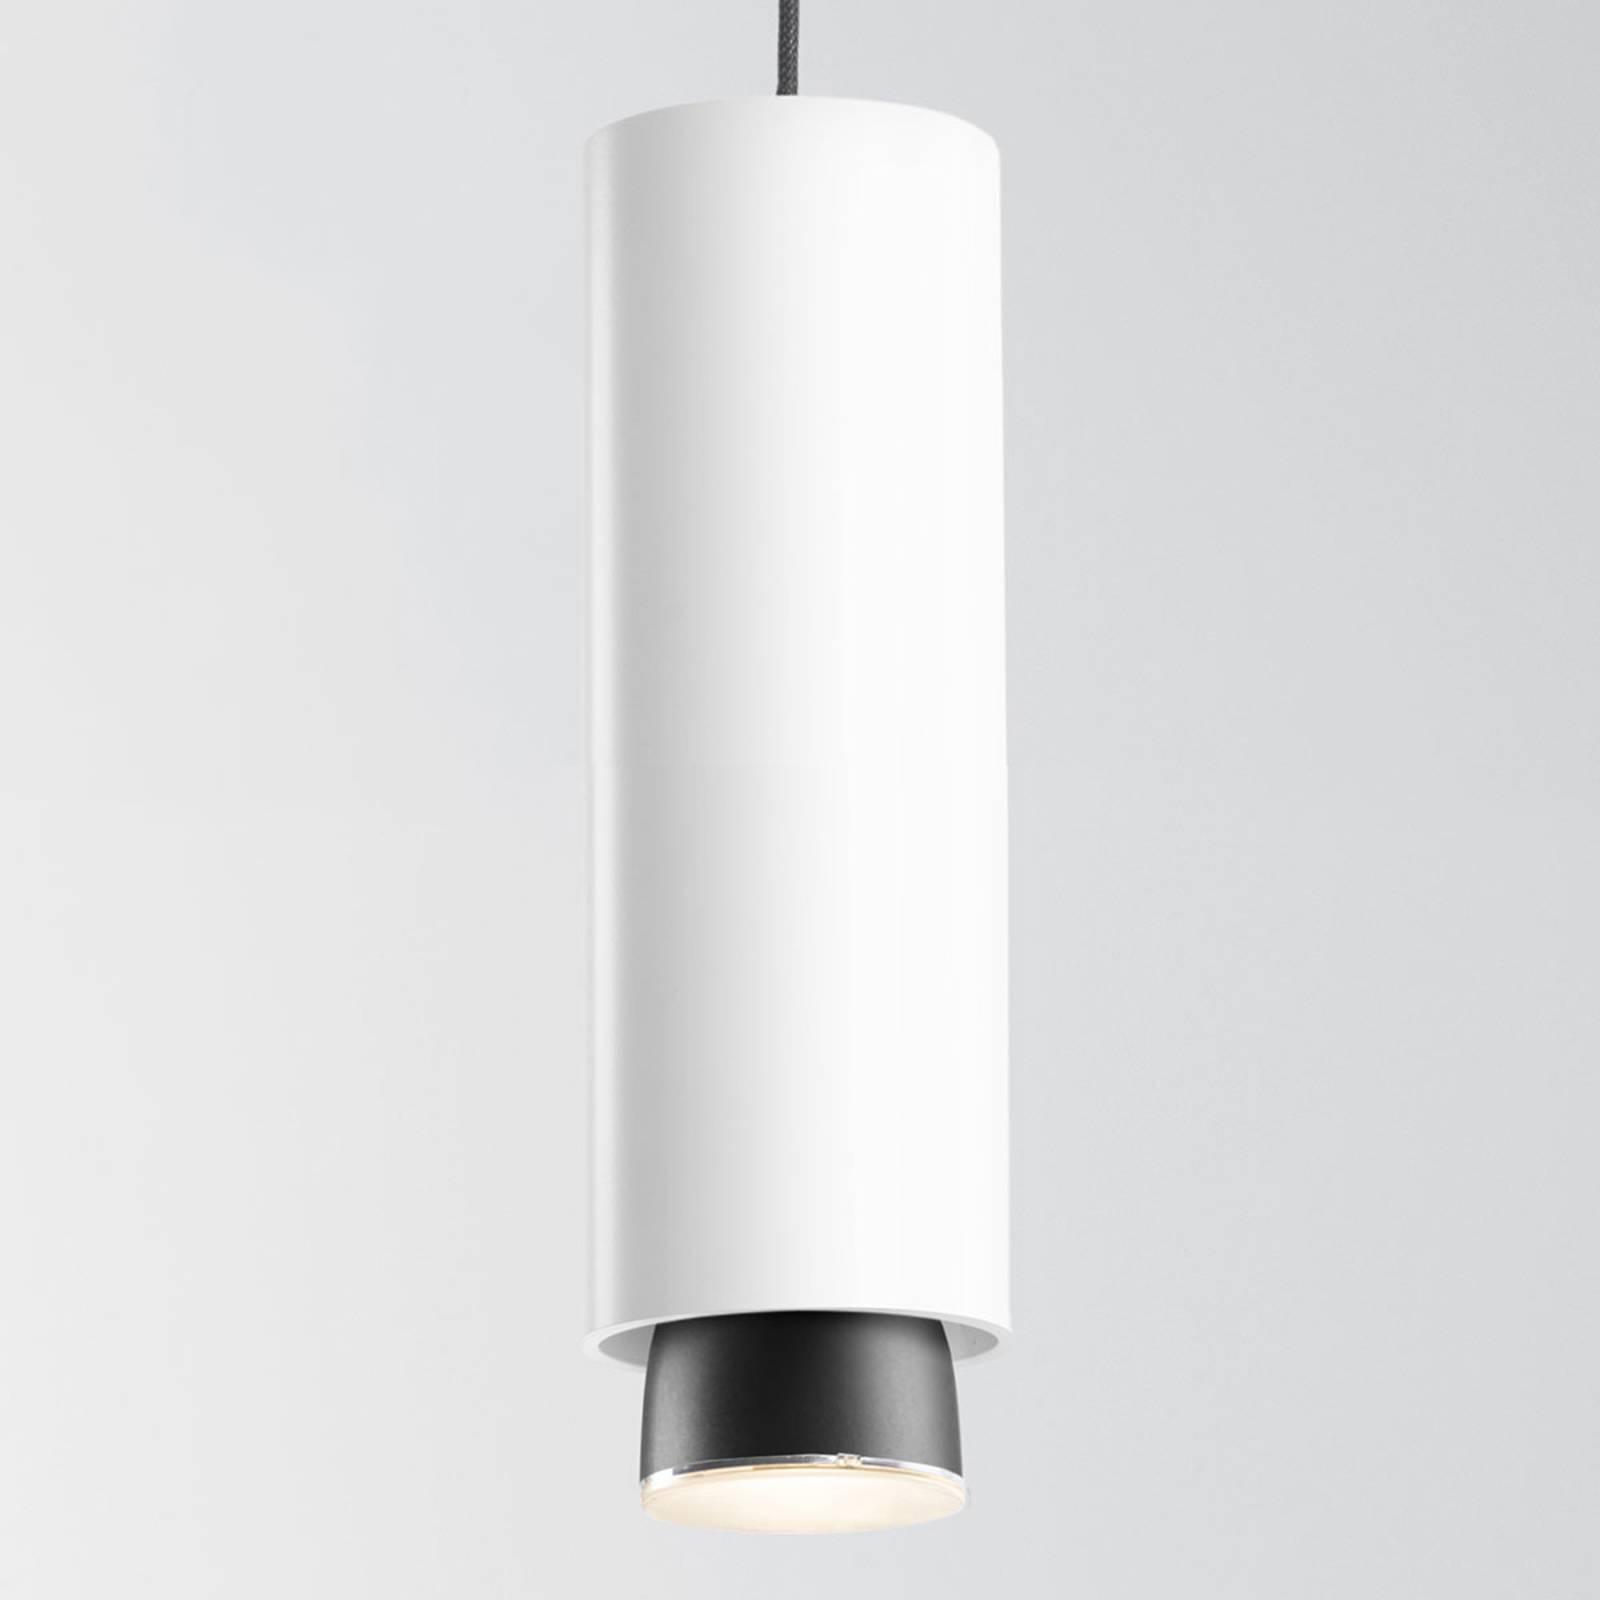 Fabbian Claque LED-Hängeleuchte 30 cm weiß